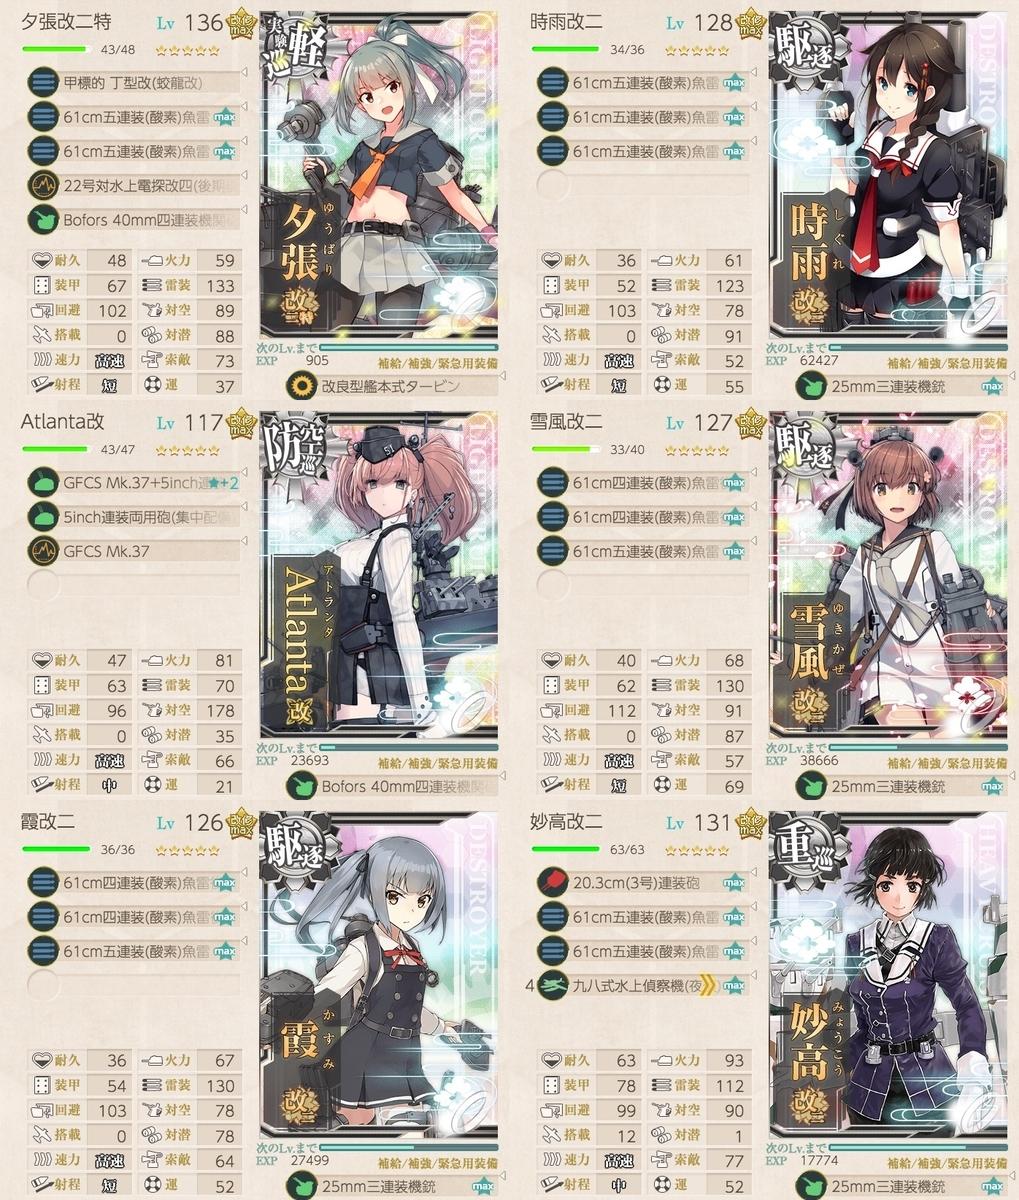 f:id:nameless_admiral:20201214011726j:plain